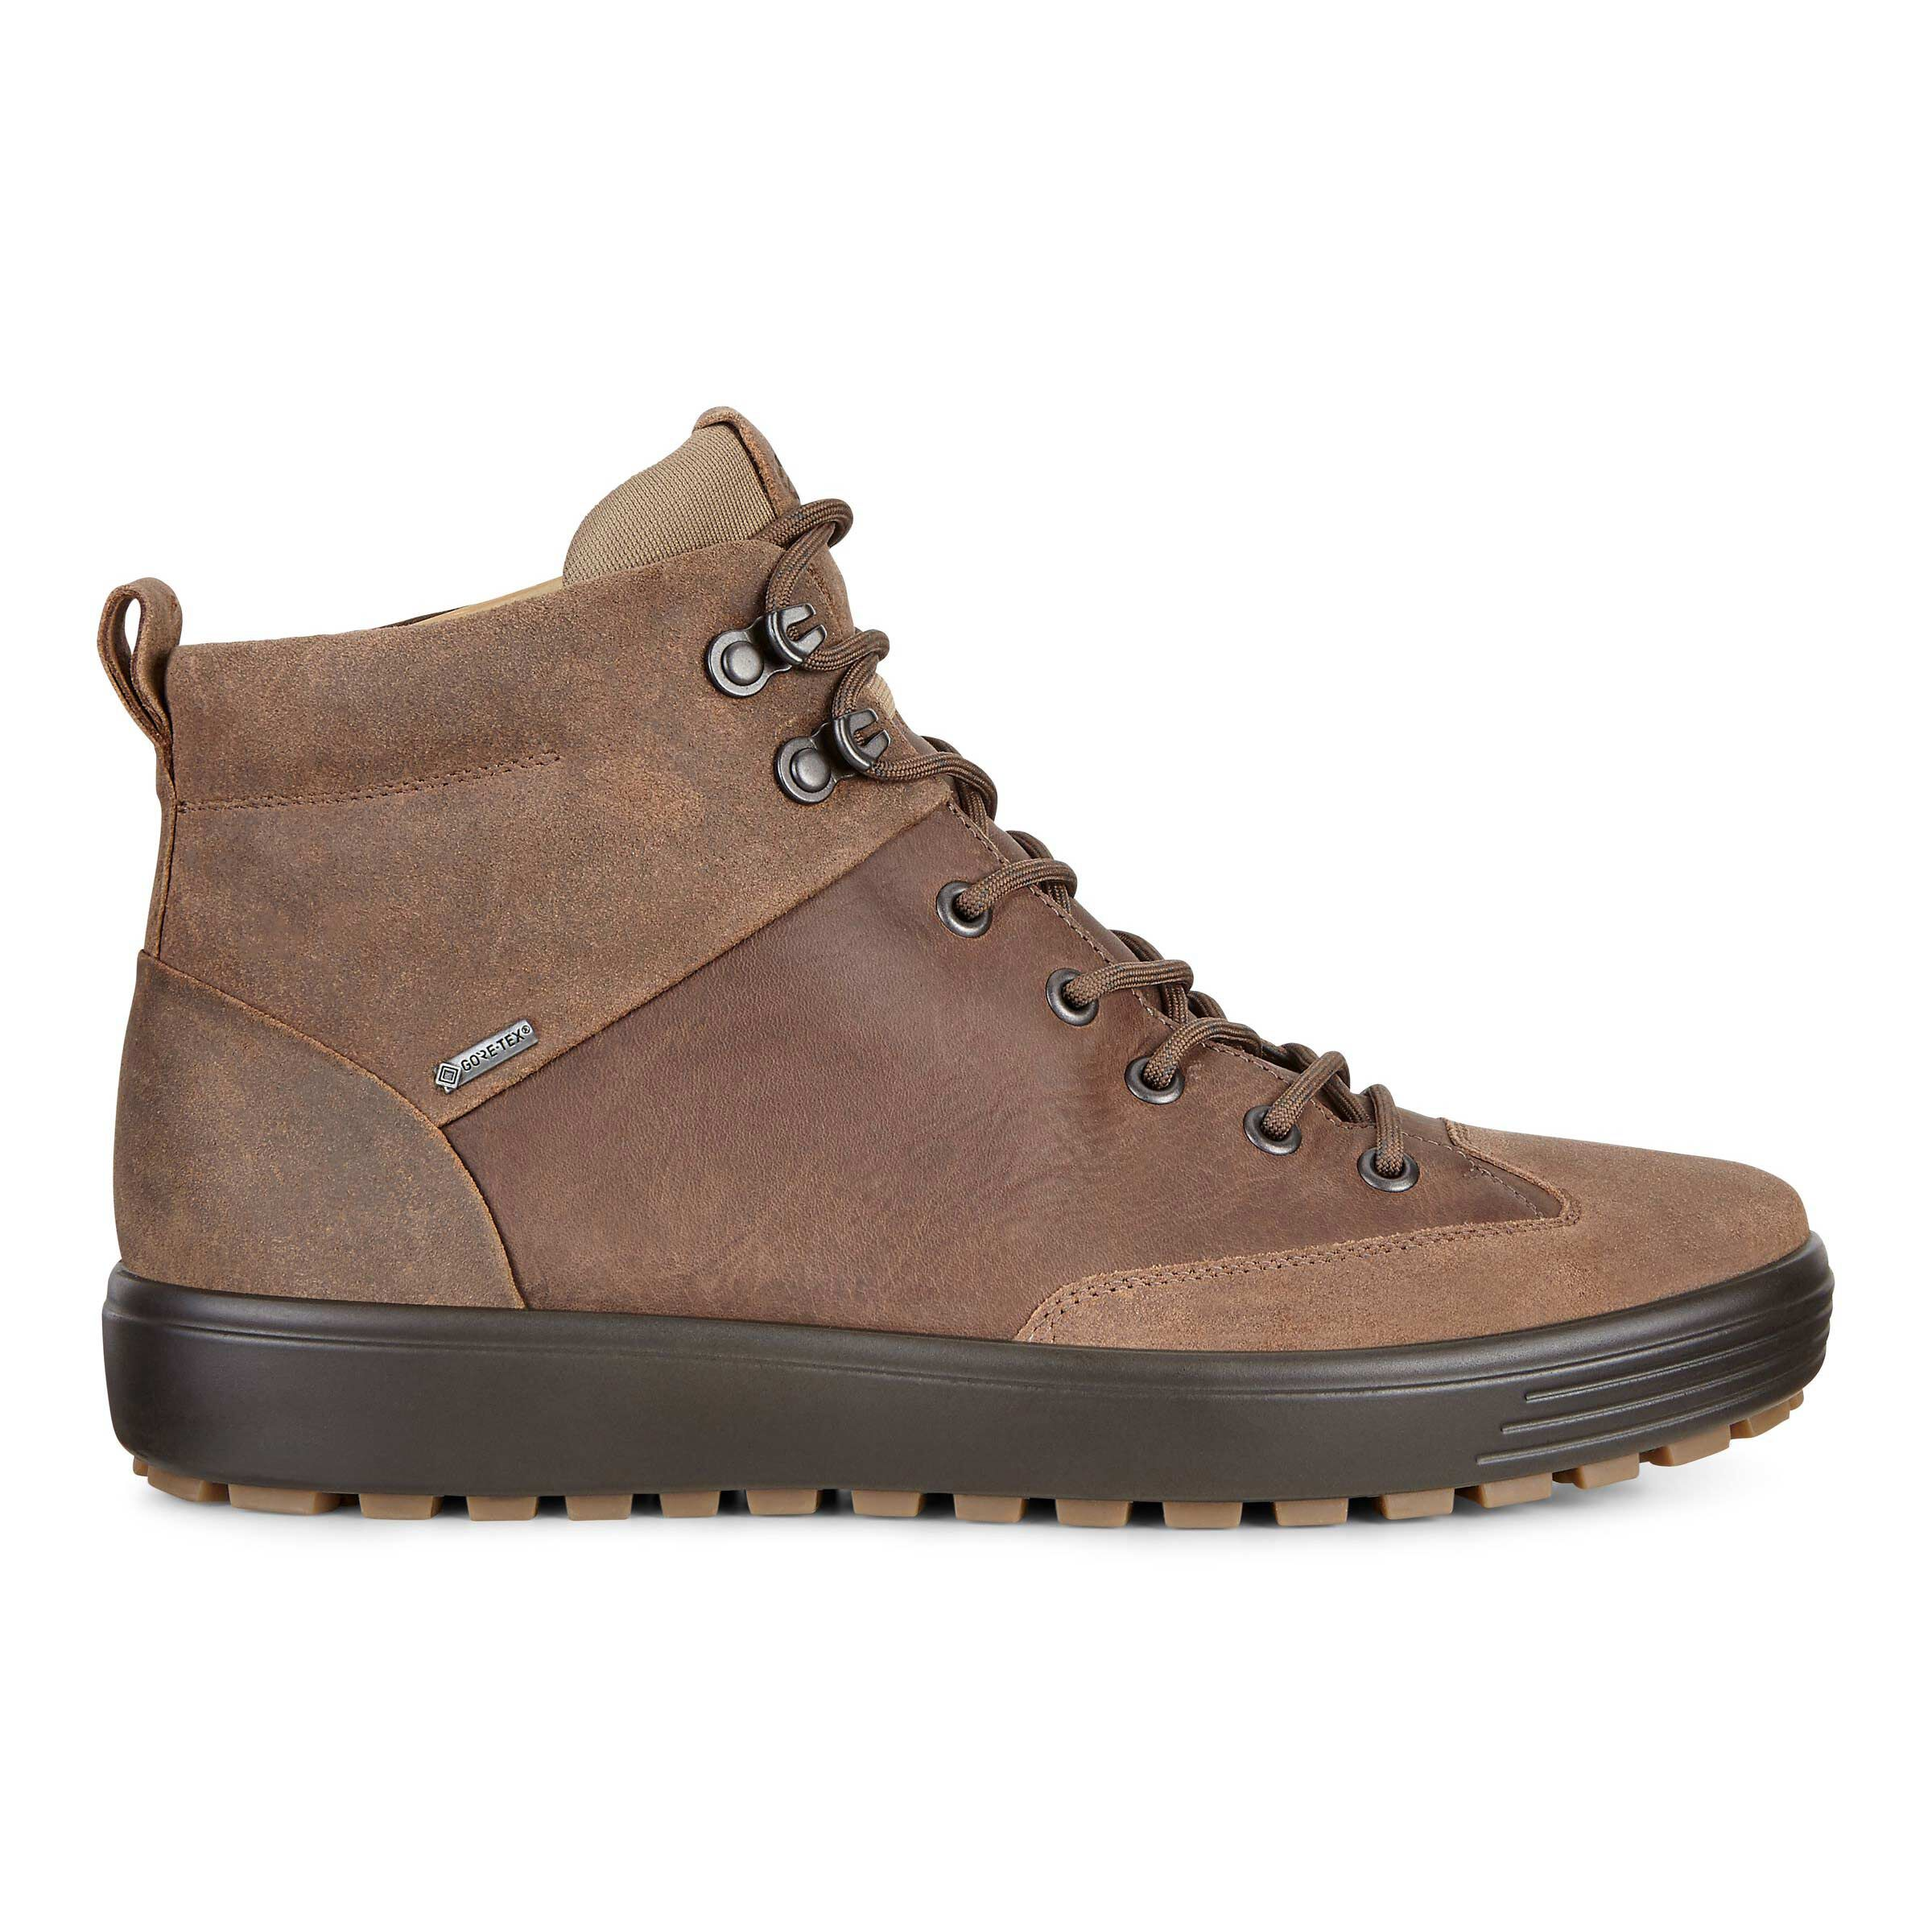 zapatos ecco golf baratos guatemala